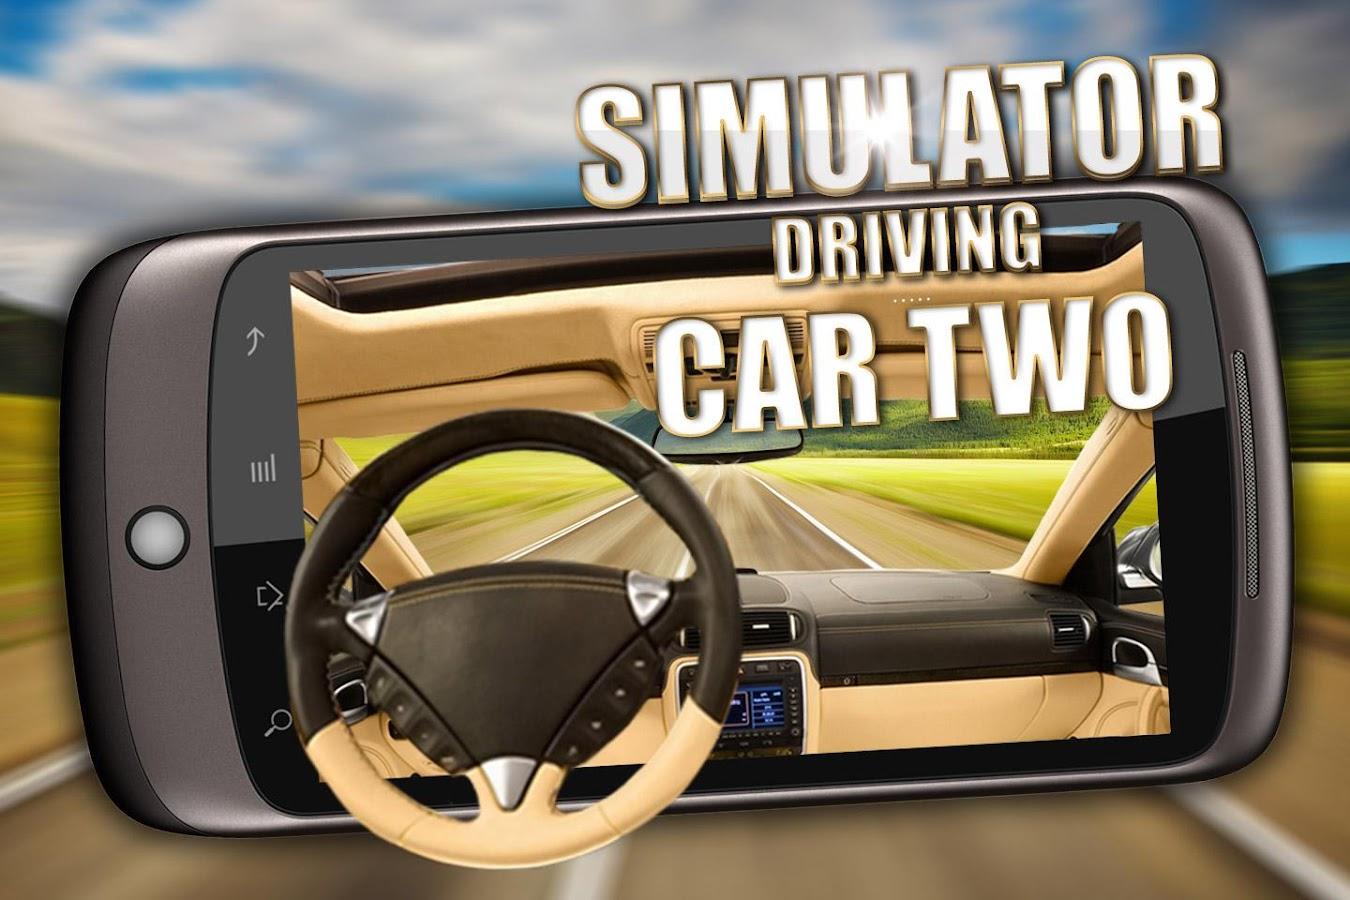 Simulator-driving-car-two 9